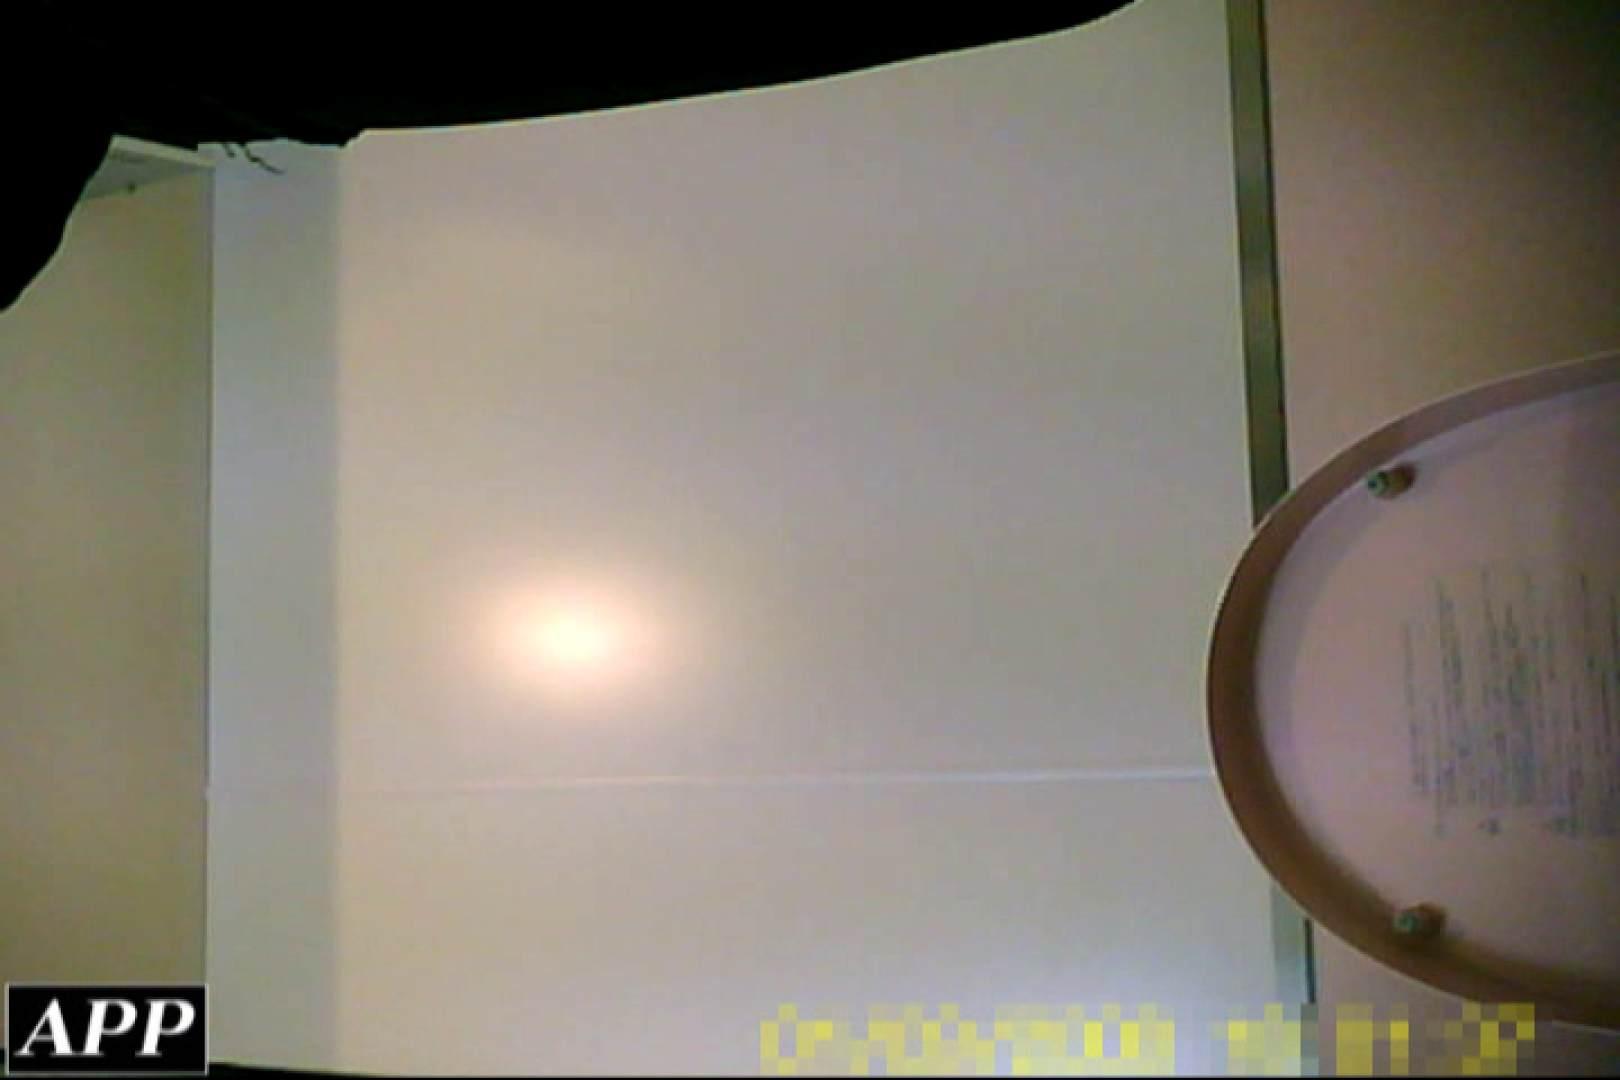 3視点洗面所 vol.35 オマンコ見放題 オマンコ無修正動画無料 84枚 5